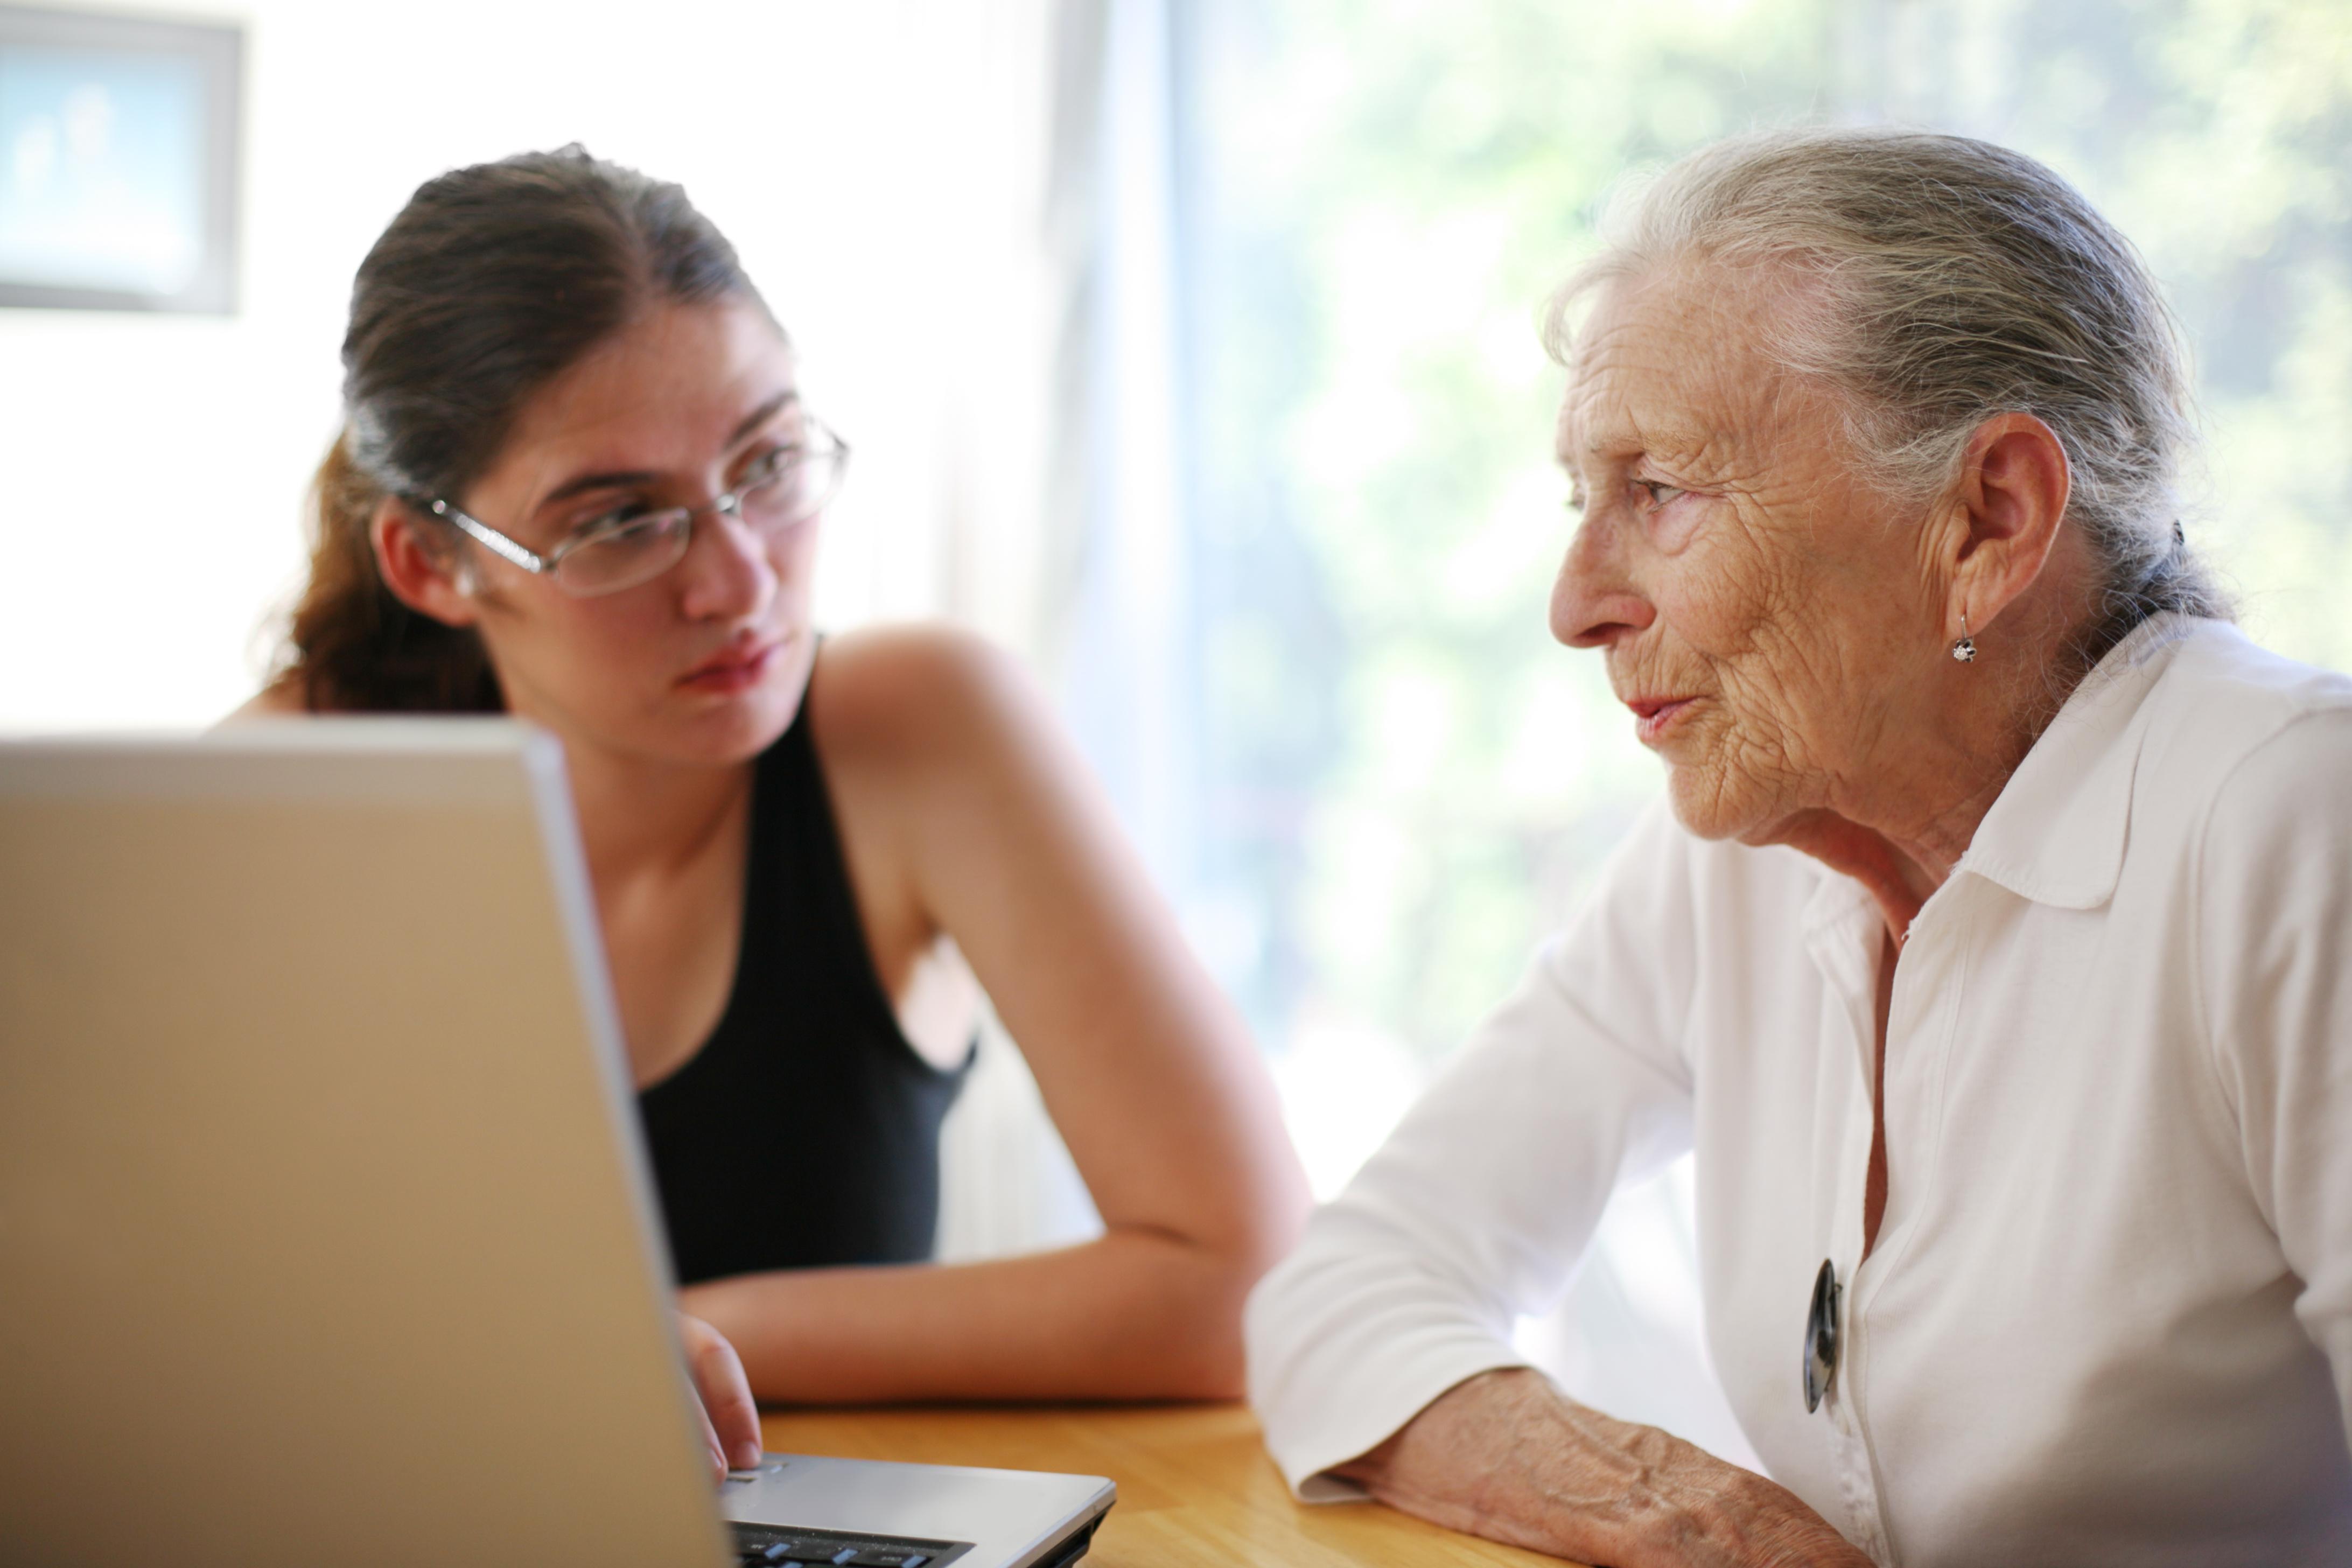 Leserbrief: Für ein miteinander der Generationen